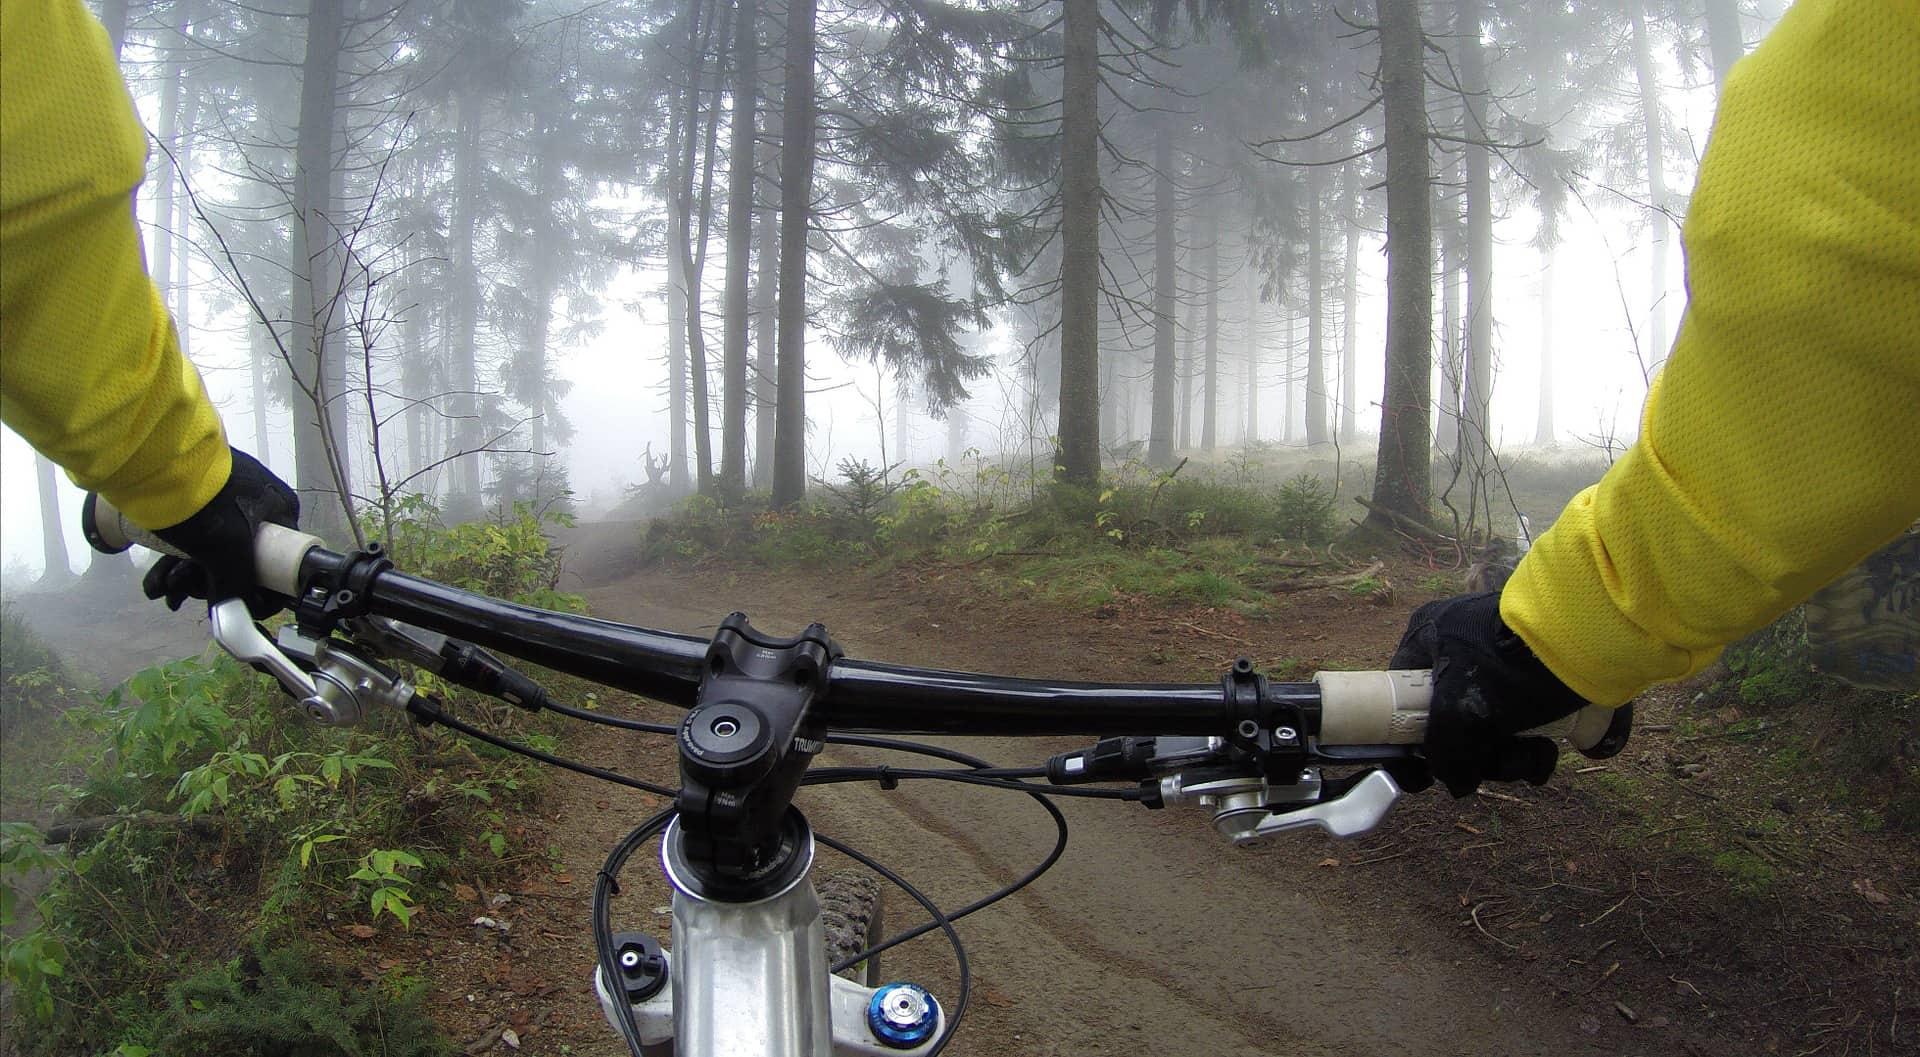 Imagem mostra uma pessoa segurando o guidão de uma bicicleta, em um caminho em meio a uma floresta.